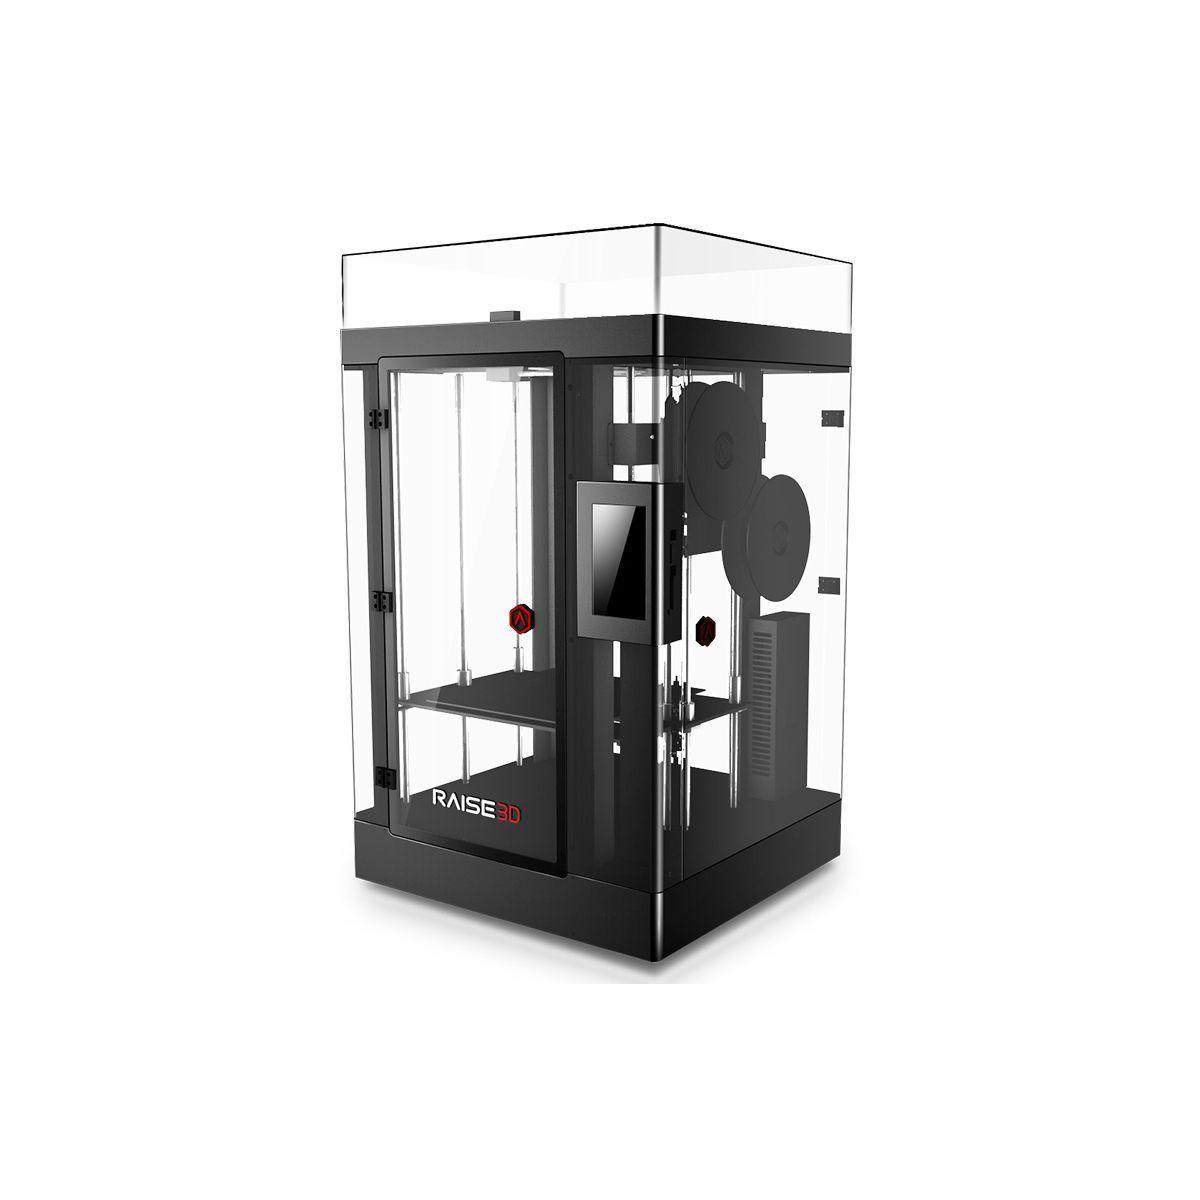 Imprimante 3d raise3d raise3d n2 dual plus - 20% de remise imm�diate avec le code : fete20